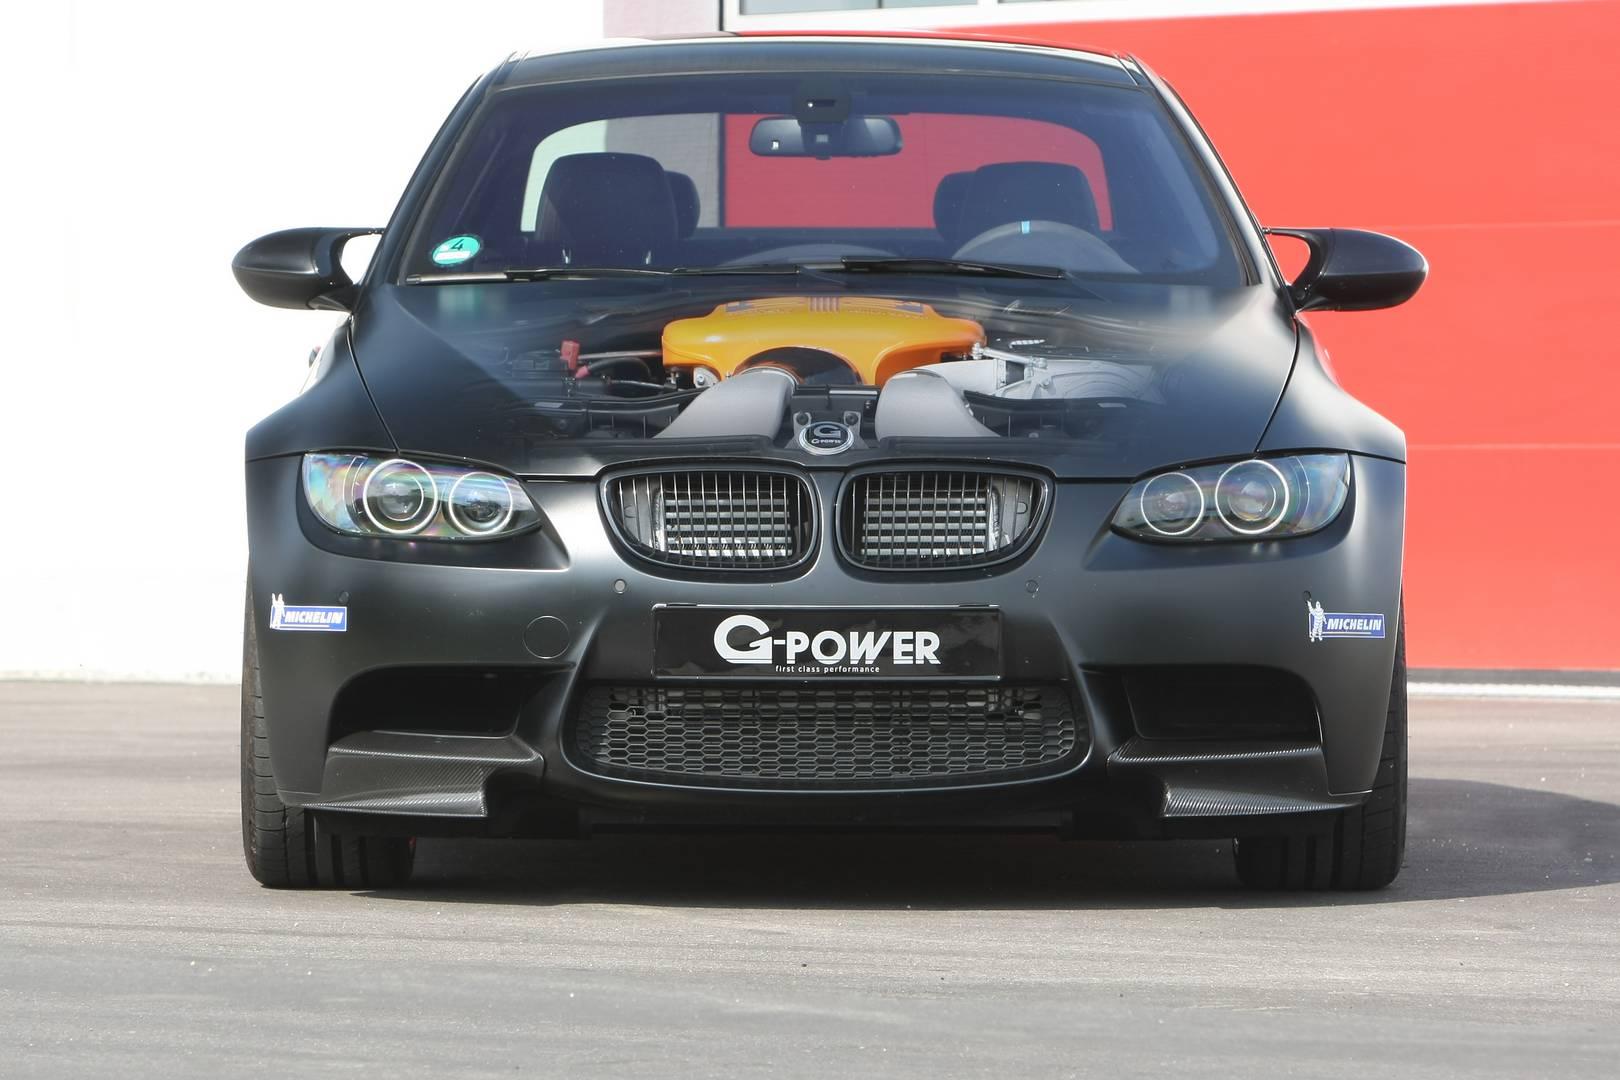 M3 по-прежнему является самой успешной моделью от G-Power на сегодняшний день. В последние годы компания расширяется и настраивает и другие модели BMW, например, M5 и M6. Тюнеры также «играли» и с нижним диапазоном линейки BMW, например, со скромным